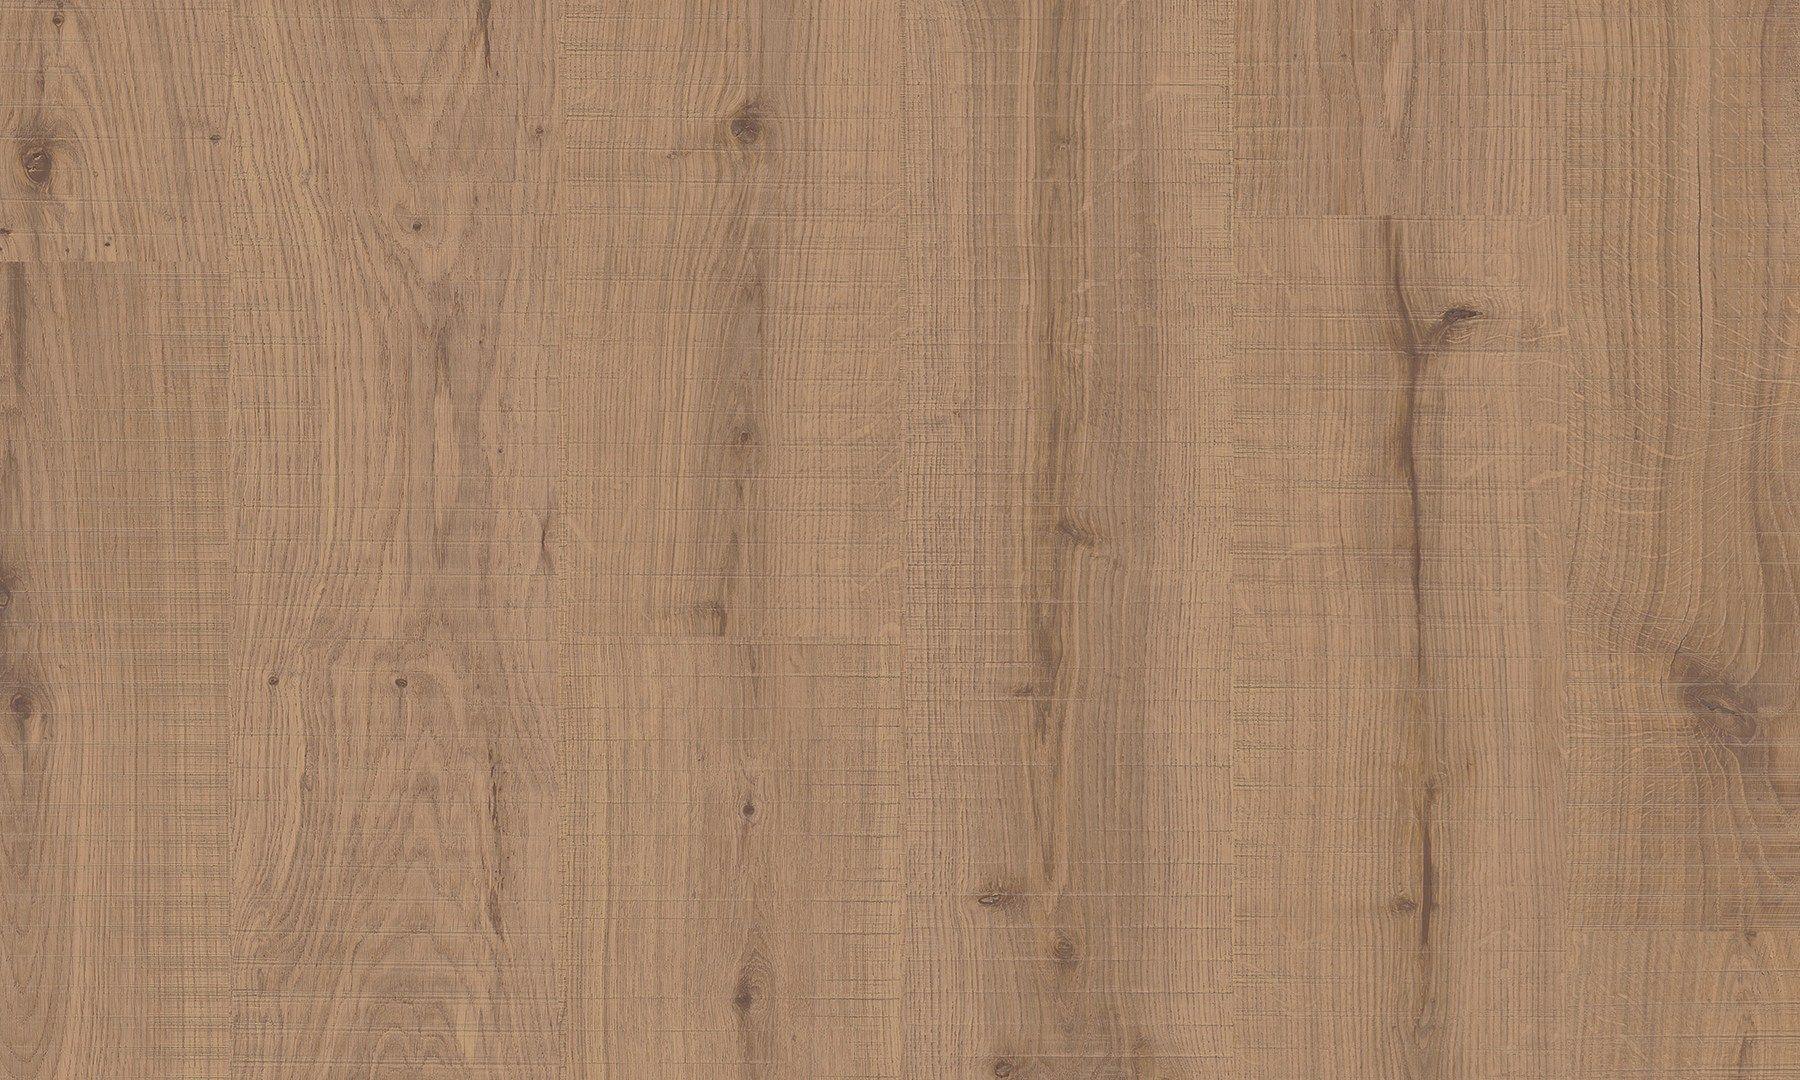 Laminat textur eiche  Bodenbelag aus Laminat NATÜRLICHE SÄGESCHNITT EICHE By Pergo